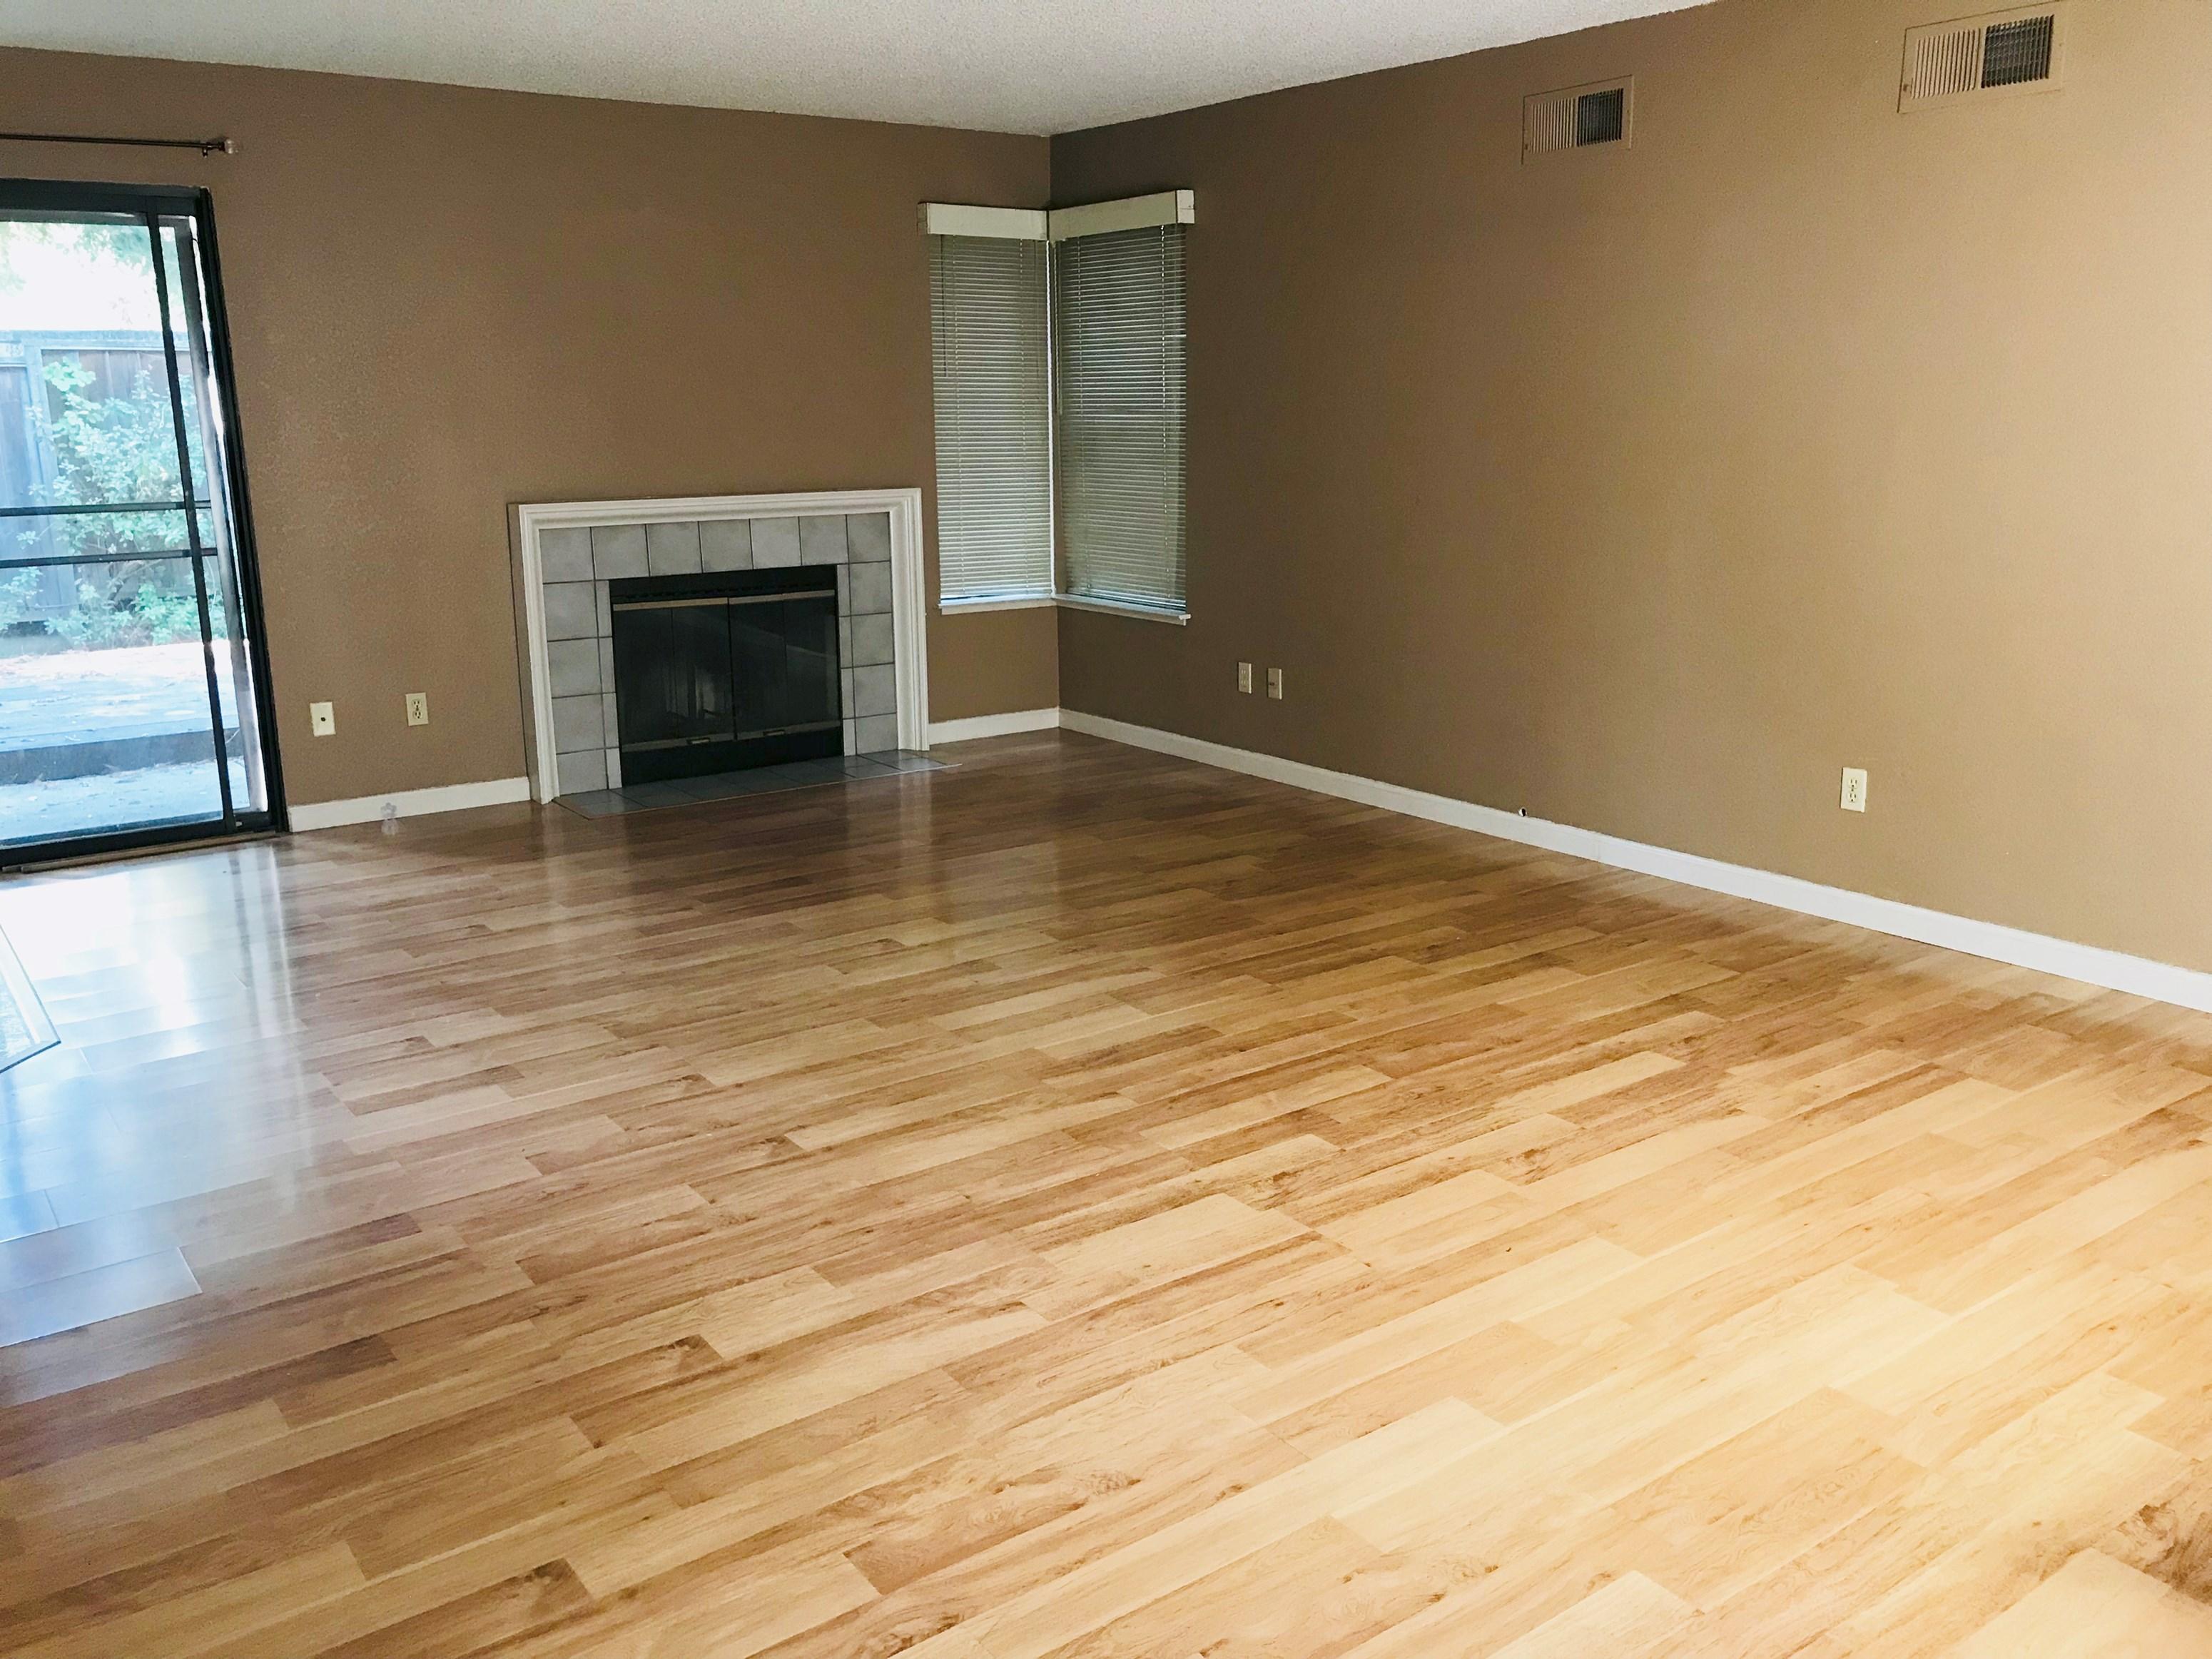 2 Bedroom Condo to Rent in Fremont, CA, Two Bedroom